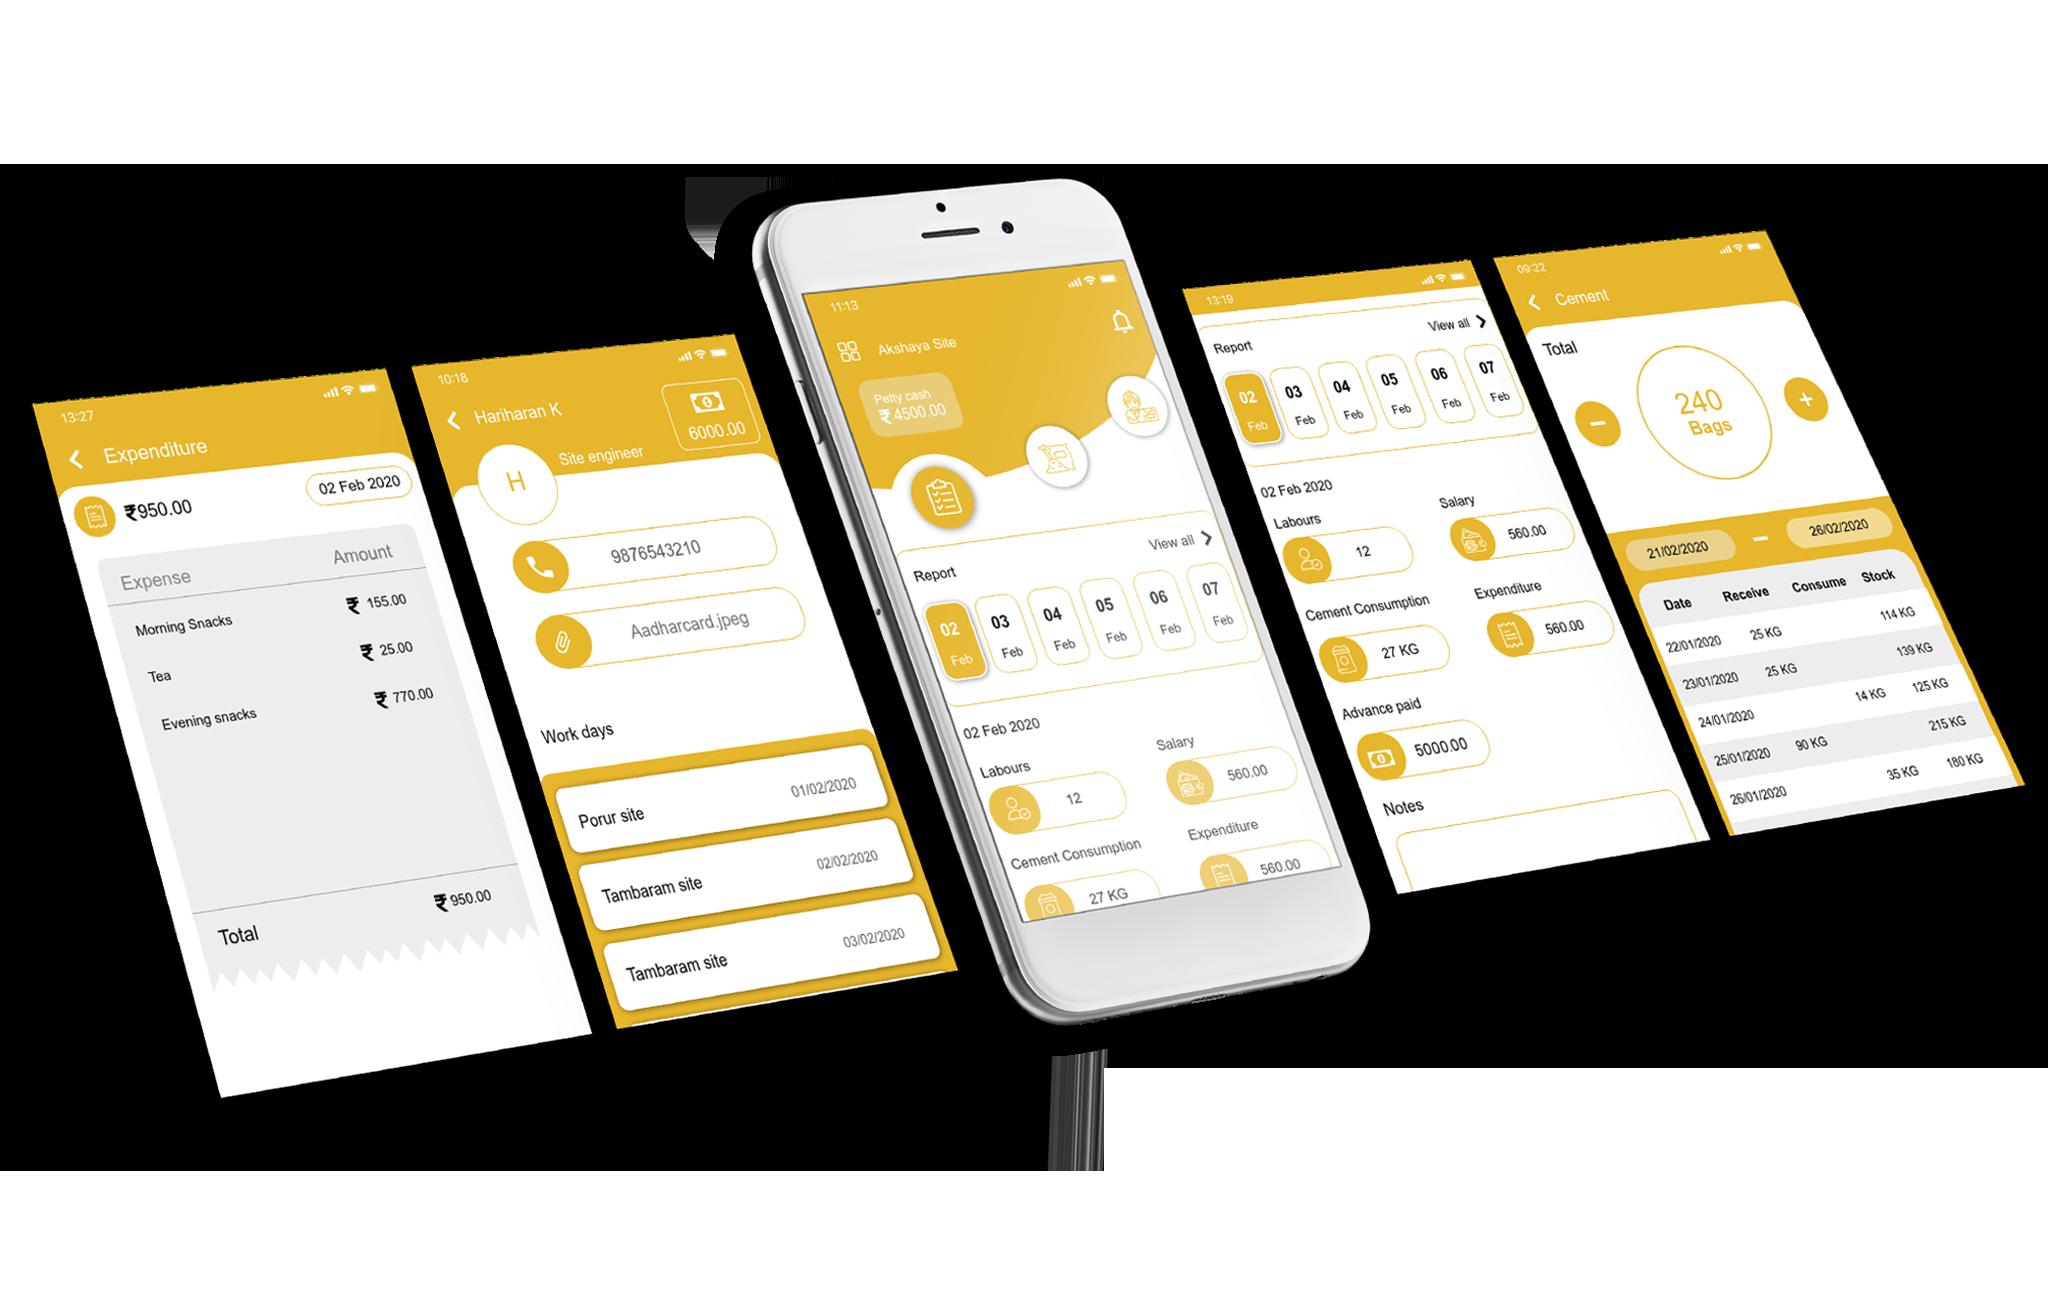 Anandaguru Infrastructure mobile app